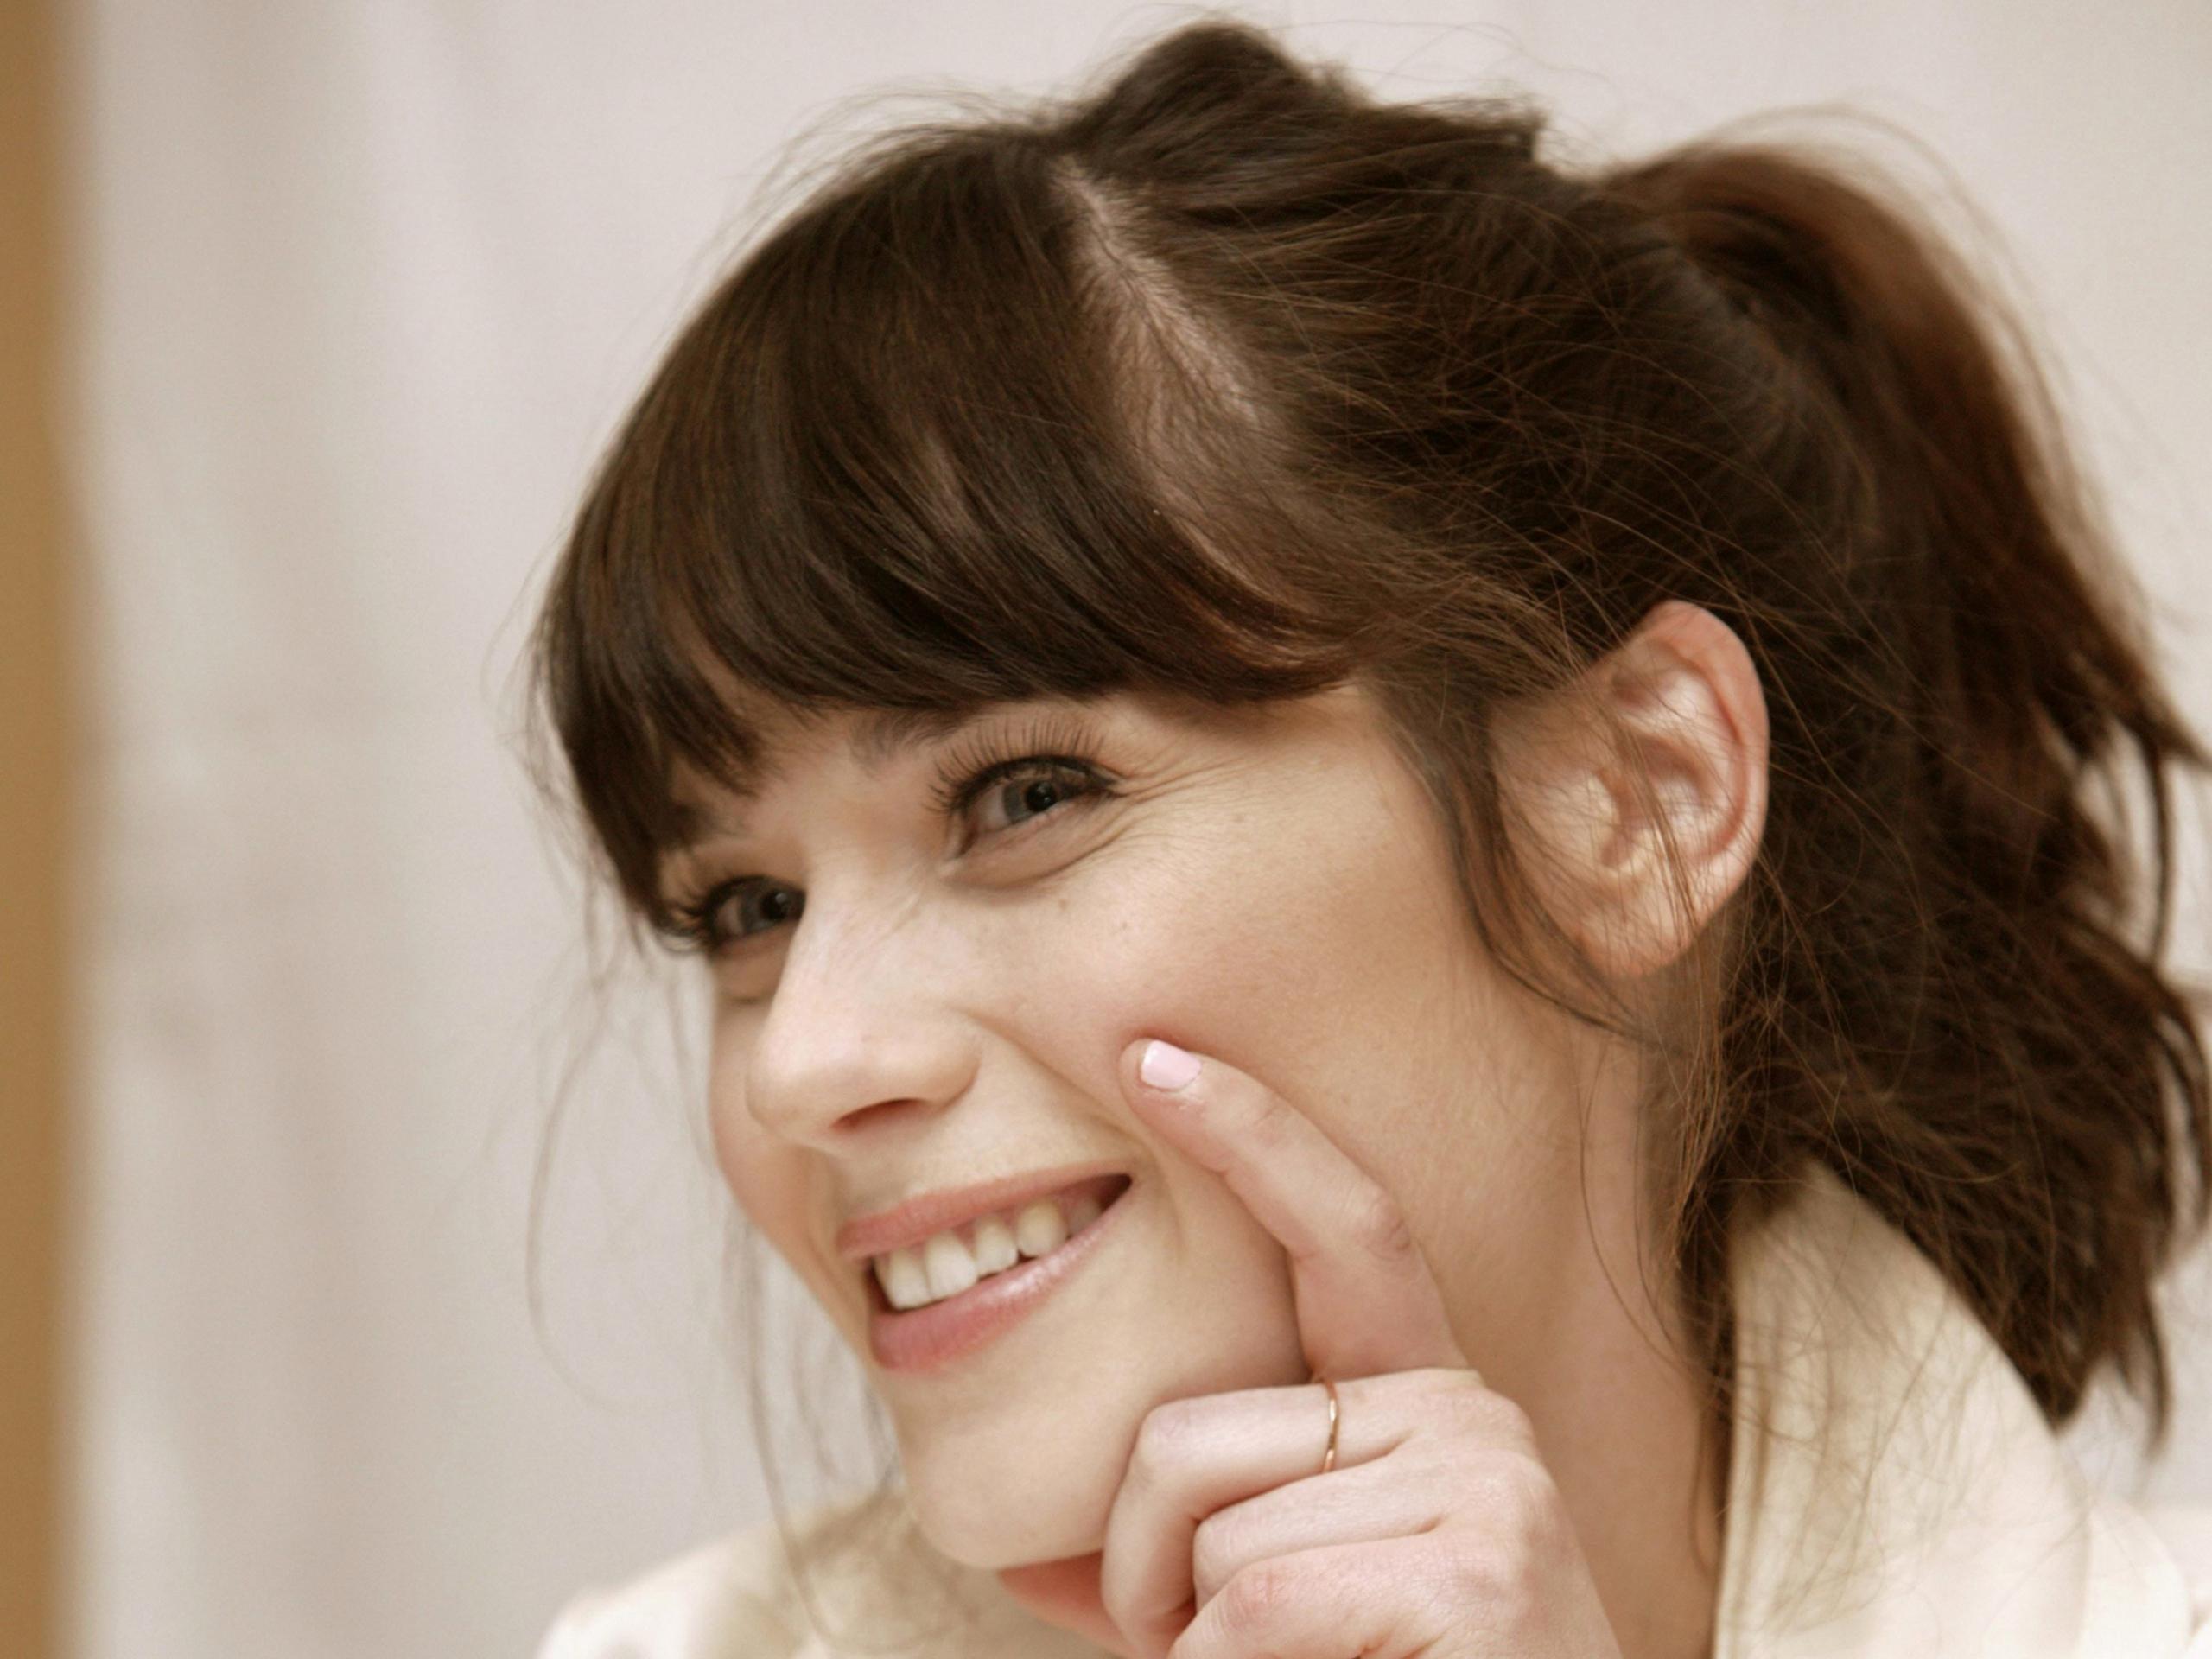 Zooey Deschanel, photo, zooey, deschanel, actress